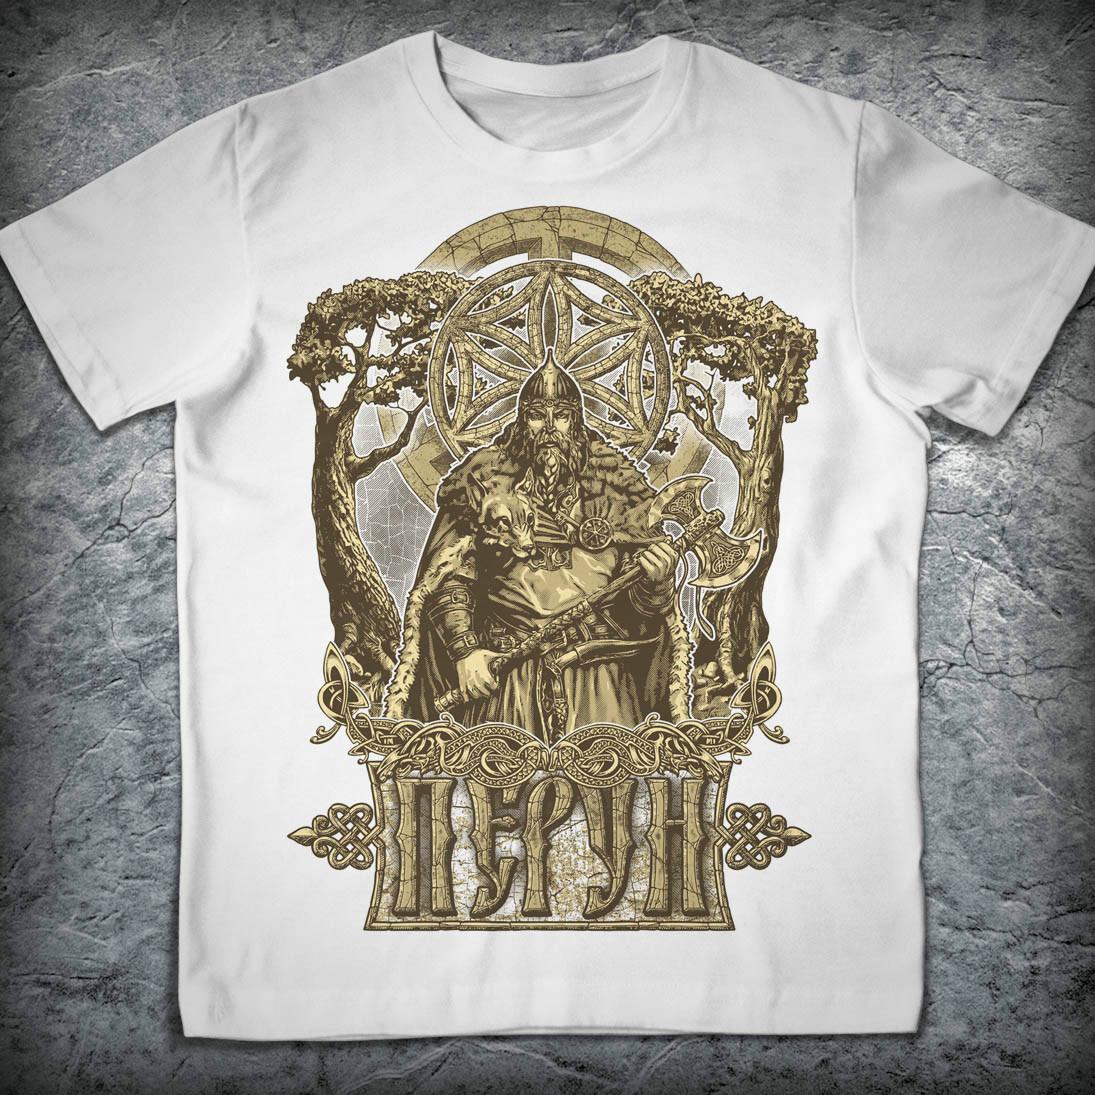 Футболка «Перун», Цвет Белый, Размер MПервая футболка из серии &amp;laquo;Славянский Пантеон&amp;raquo;, посвященная теме древних языческих богов.<br>Ткань футболки высочайшего качества, очень приятна к телу. Она почти не теряет своей формы и не садится на протяжении долгих лет регулярной носки. Нанесение рисунка на ощупь почти не чувствуется, не стирается и не выгорает. Со временем он не теряет своей яркости.<br><br>Цвет: Белый<br>Размер INT: M